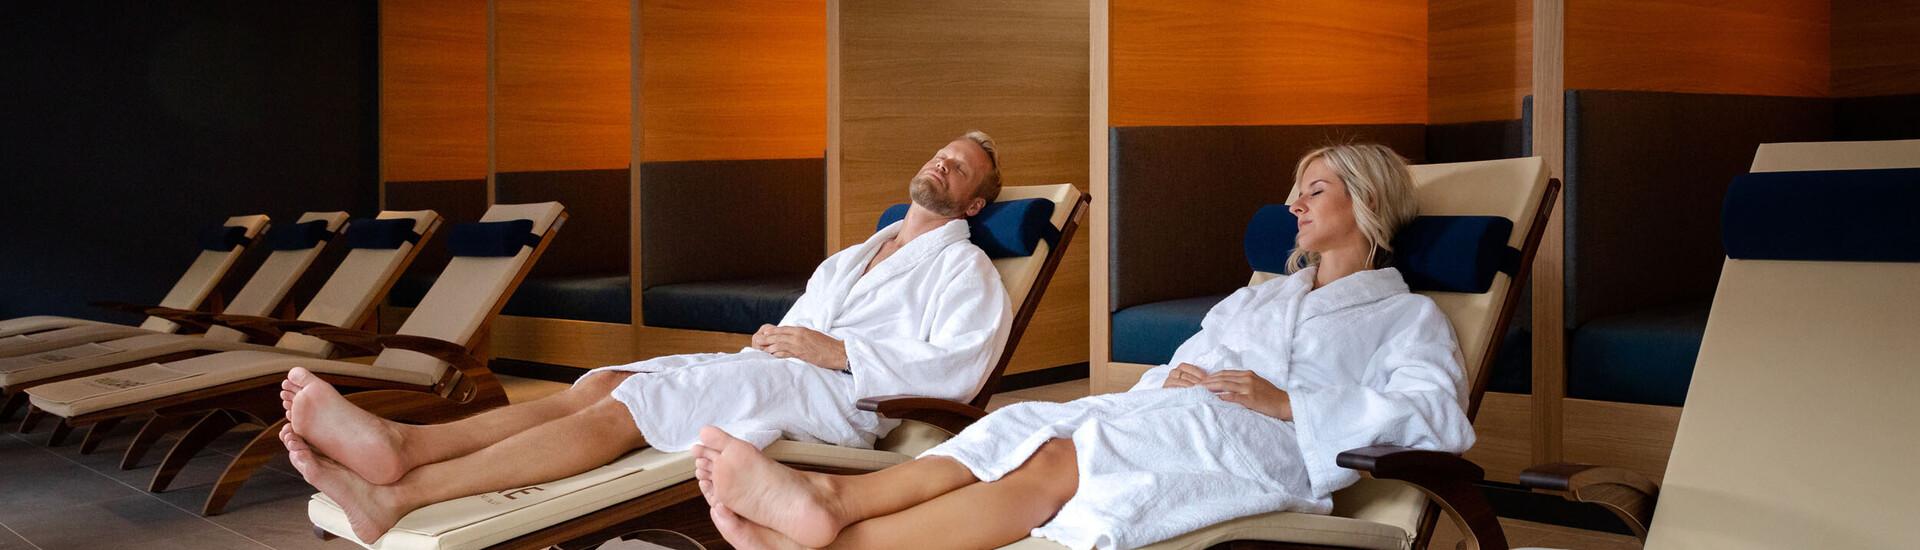 Ein Paar entspannt gemeinsam auf den Liegen im Hotel mit Wellnessbereich am Ossiacher See